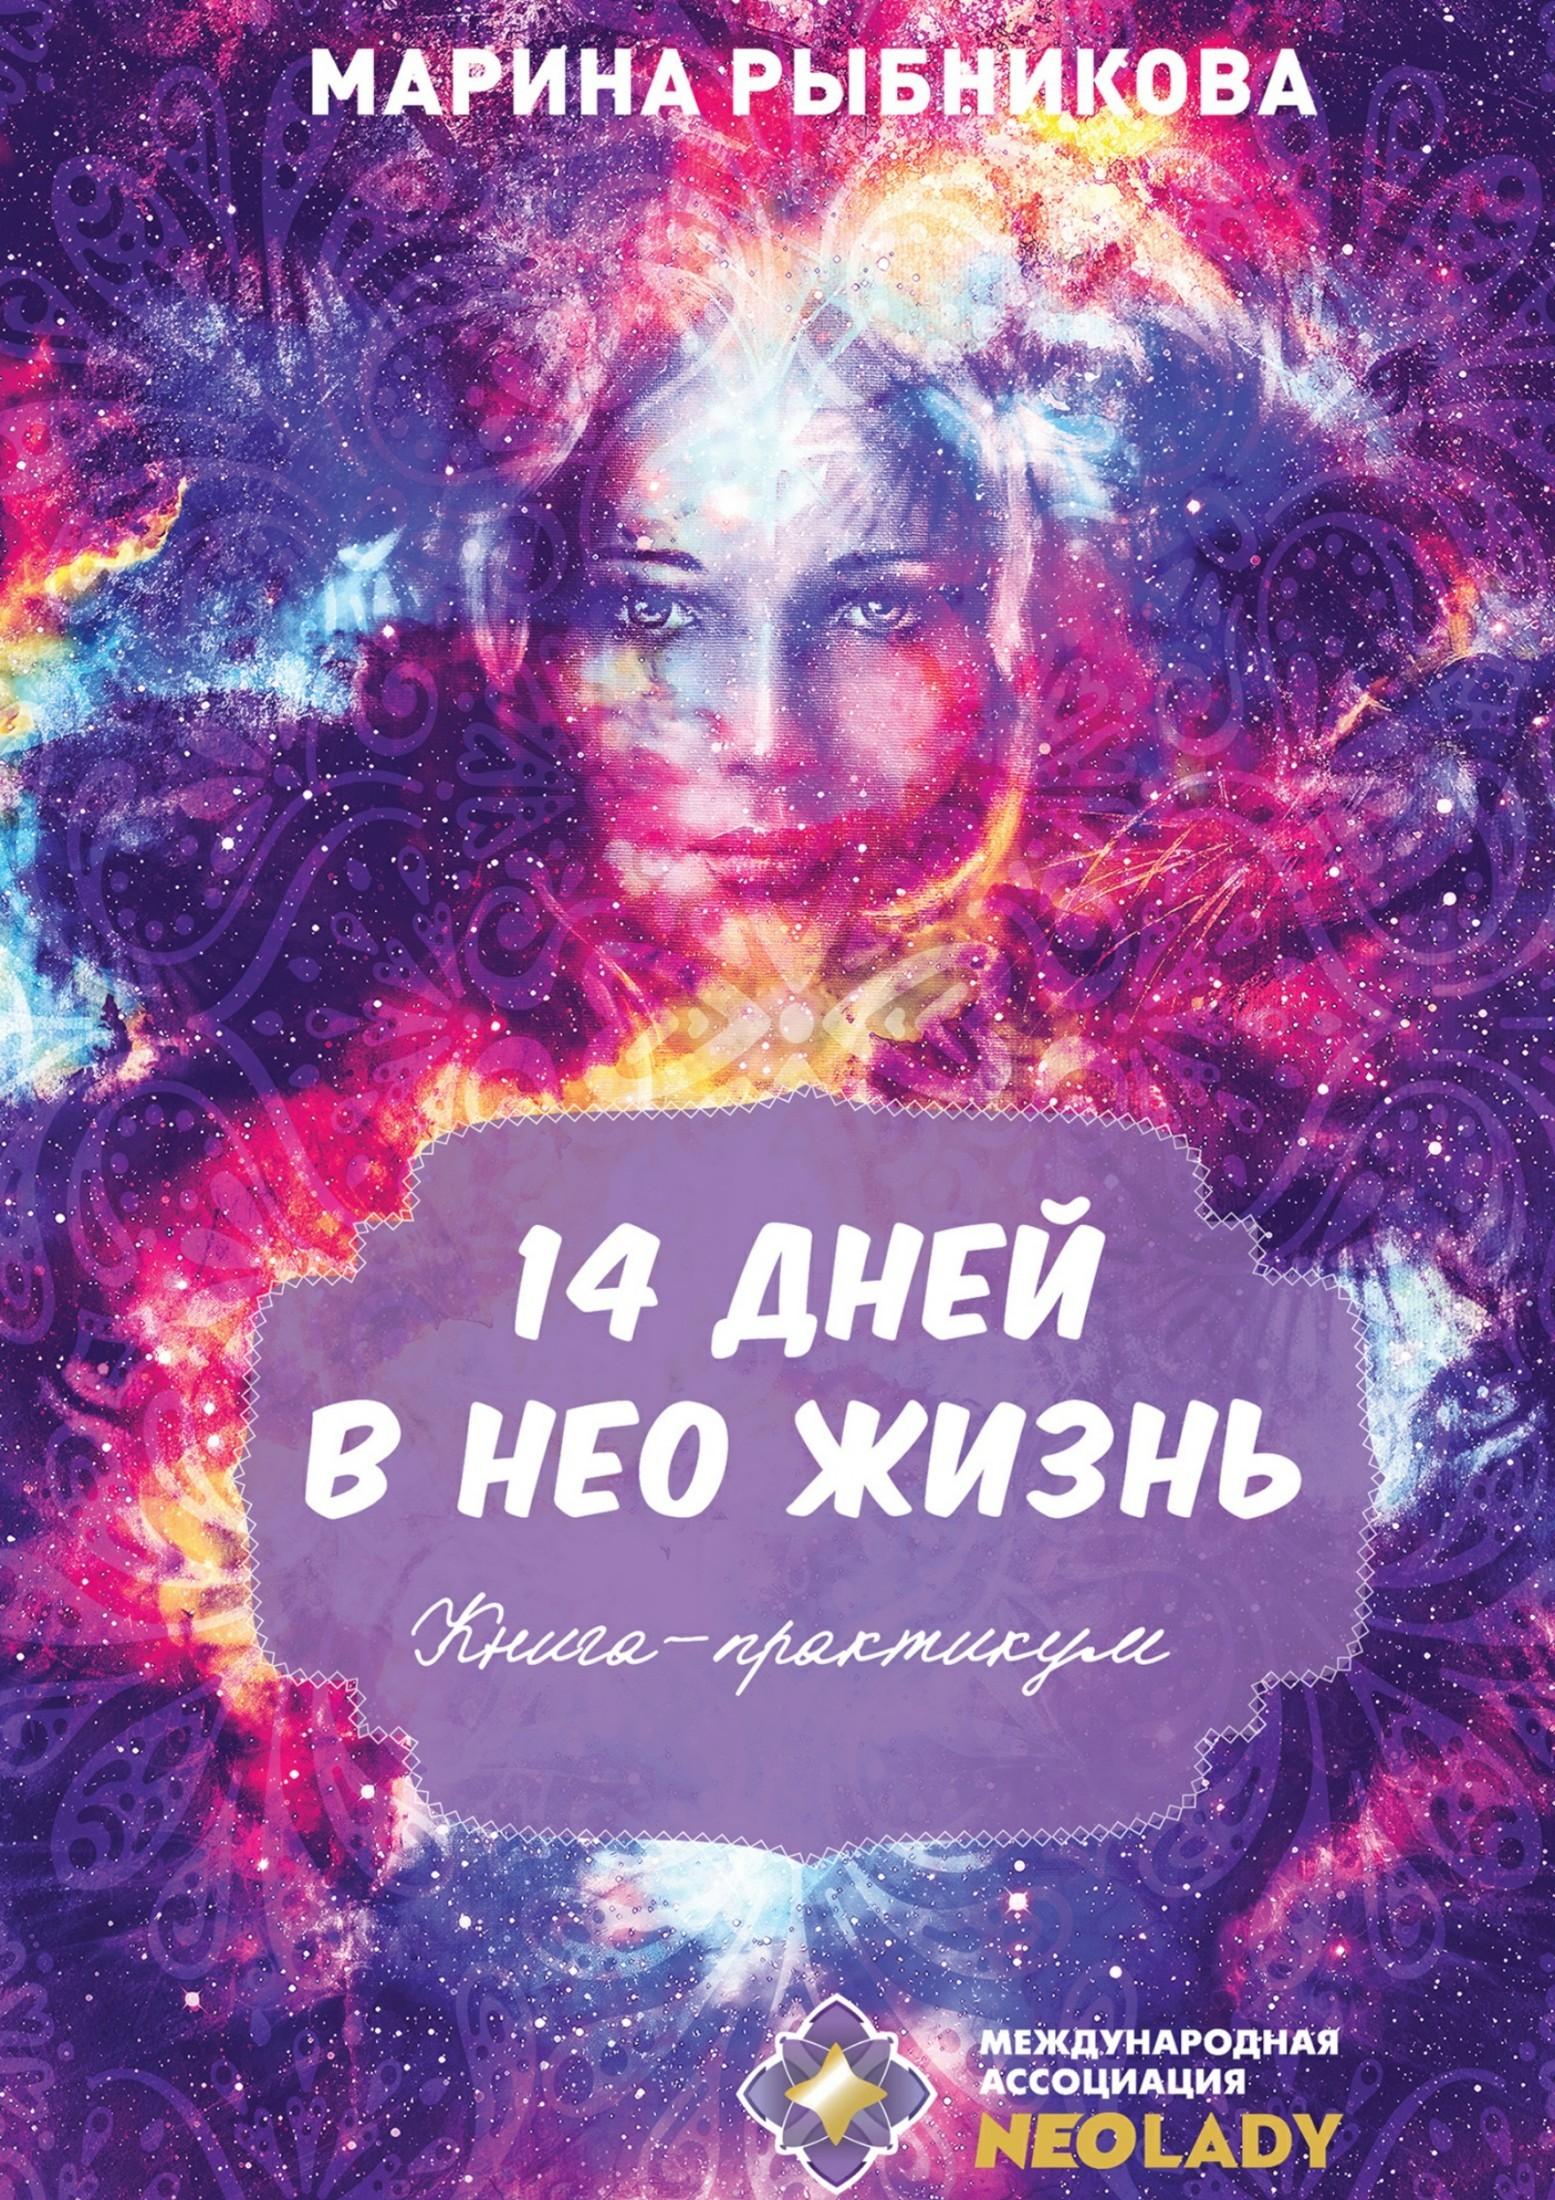 Марина Рыбникова 14 дней в НЕО жизнь! книги издательство аст хватит ныть начни просить